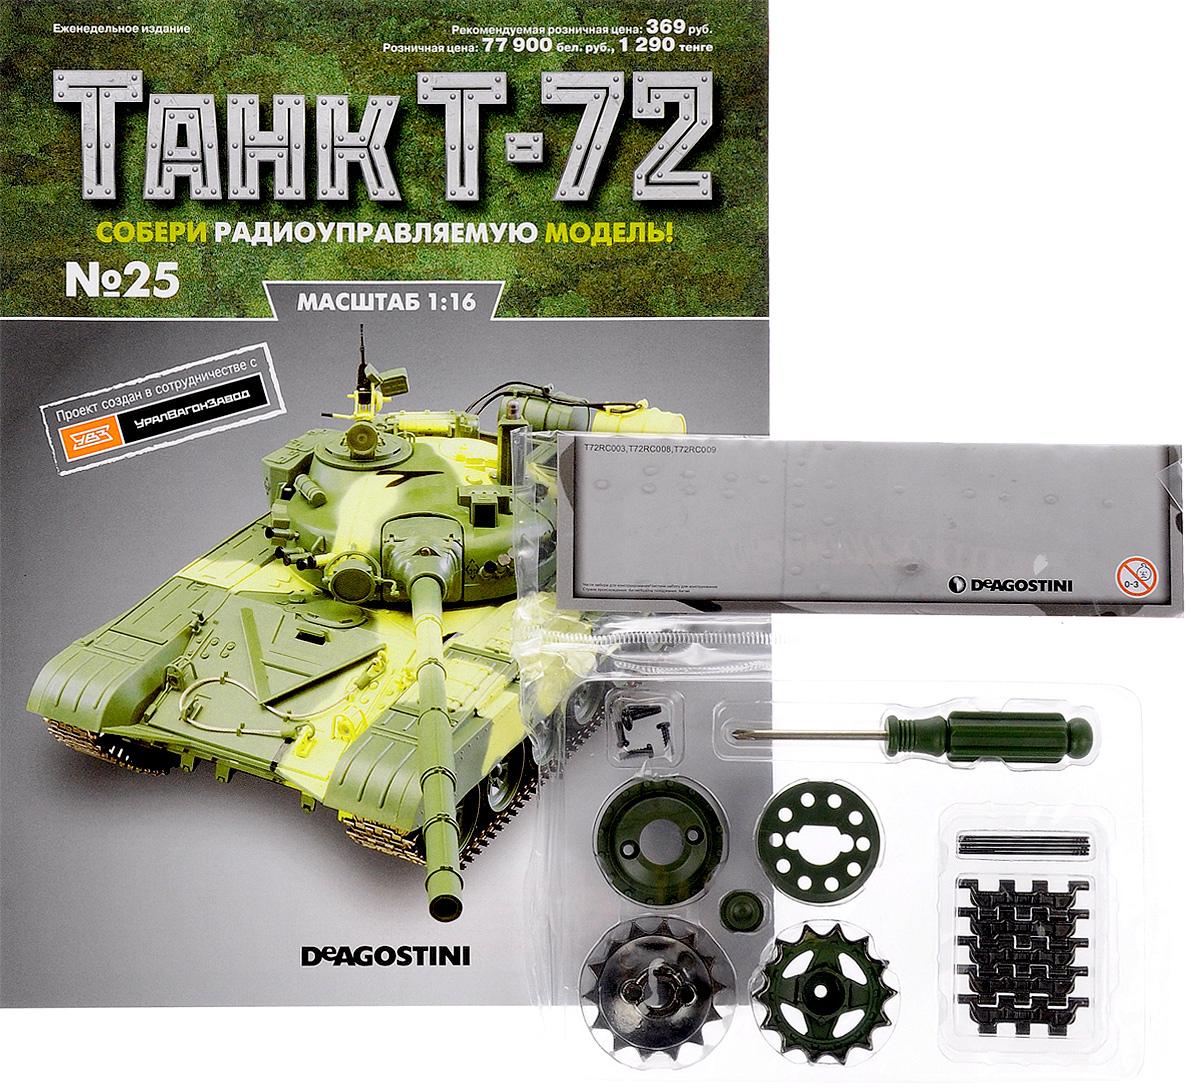 Журнал Танк Т-72 №25TRC025Перед вами - журнал из уникальной серии партворков Танк Т-72 с увлекательной информацией о легендарных боевых машинах и элементами для сборки копии танка Т-72 в уменьшенном варианте 1:16. У вас есть возможность собственноручно создать высококачественную модель этого знаменитого танка с достоверным воспроизведением всех элементов, сохранением функций подлинной боевой машины и дистанционным управлением. В комплекте: 1. Внутренний зубчатый венец 2. Внешний зубчатый венец 3. Ведущее колесо 4. Колпак колеса 5. Вращательный обод 6. Контактные винты (2 шт.) 7. Винт колеса 8. Винты (2 шт.) 9. Отвертка 10. Траки (5 шт.) 11. Штифты (5 шт.) Категория 16+.